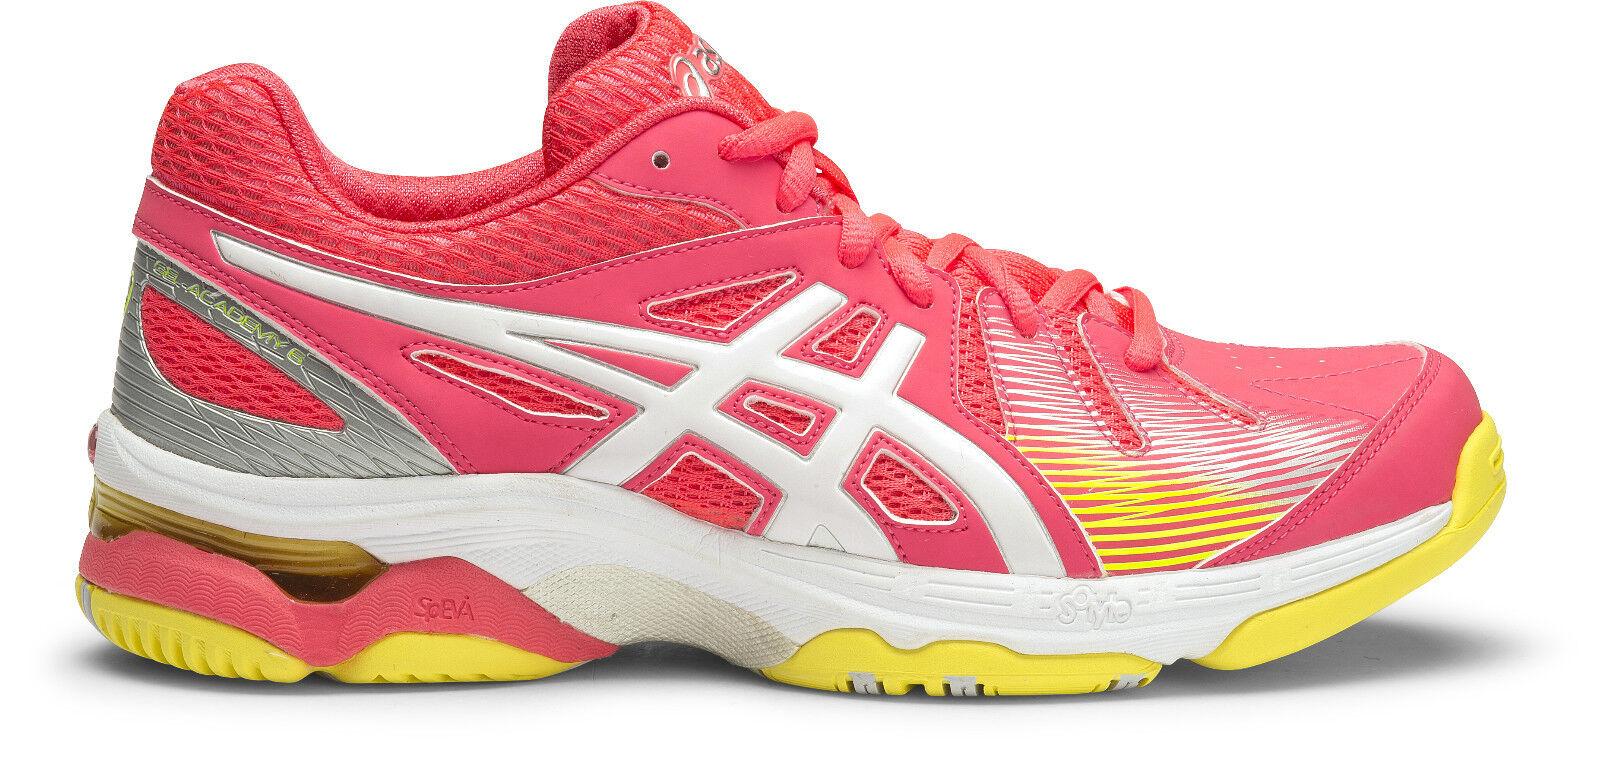 NEW  Asics Gel Academy 6 Womens Netball shoes (B) (2001)